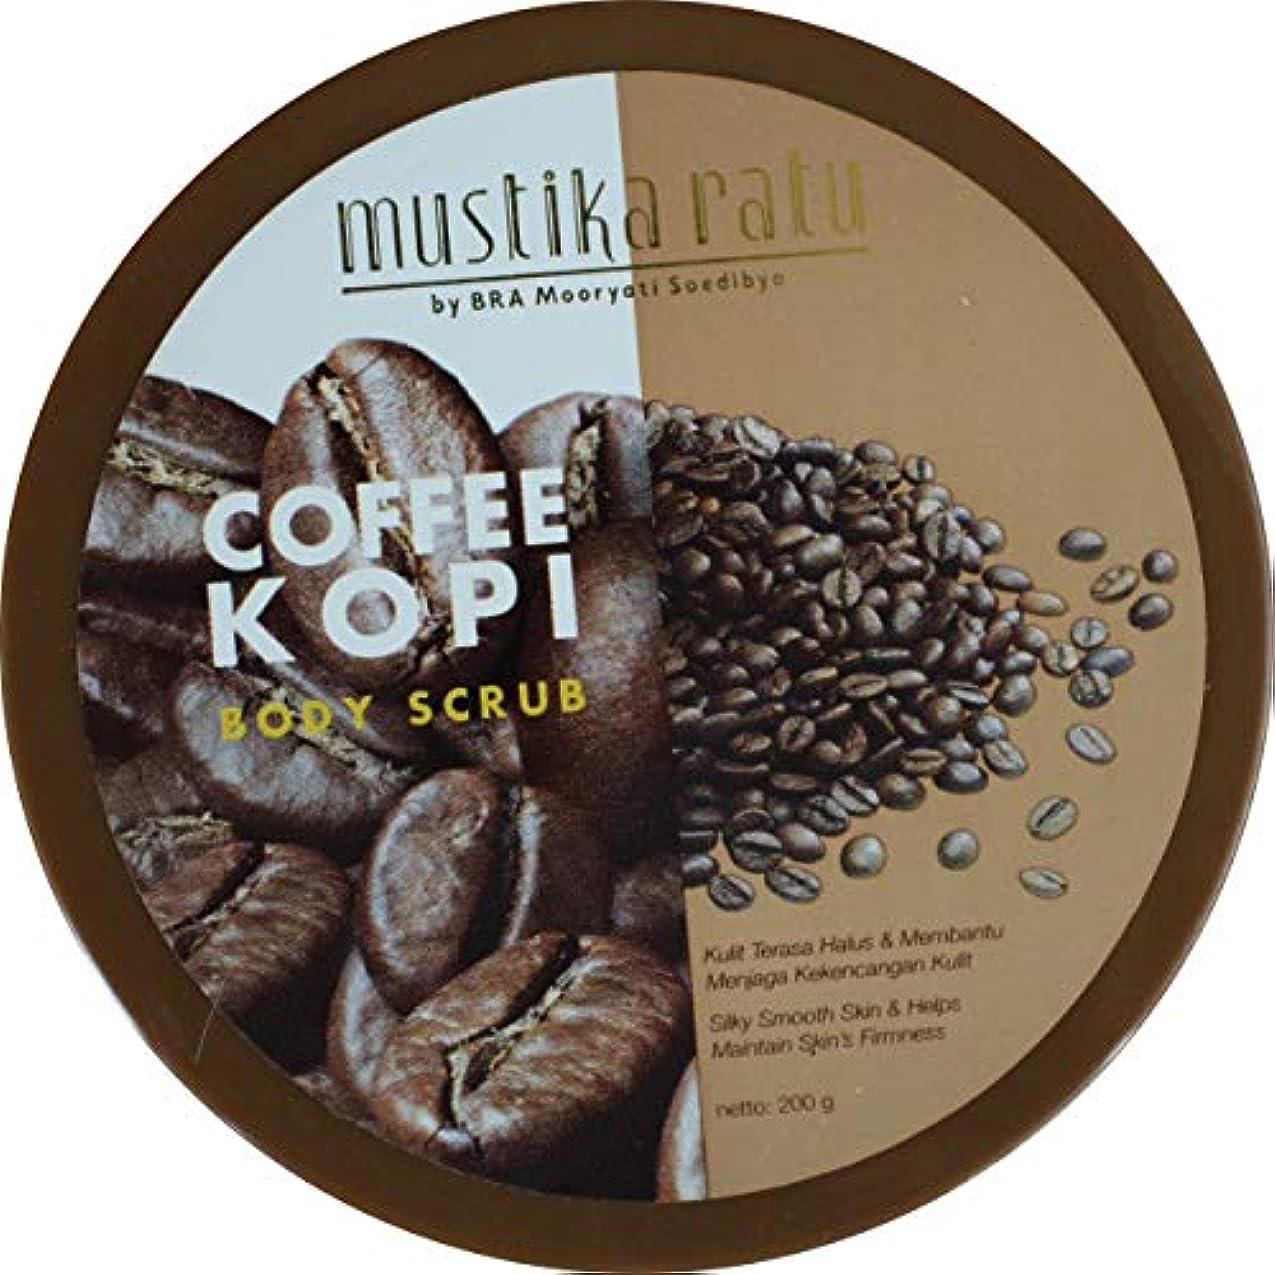 勇敢な聖職者瀬戸際Mustika Ratu インドネシア200グラム単位でのコーヒーボディスクラップ